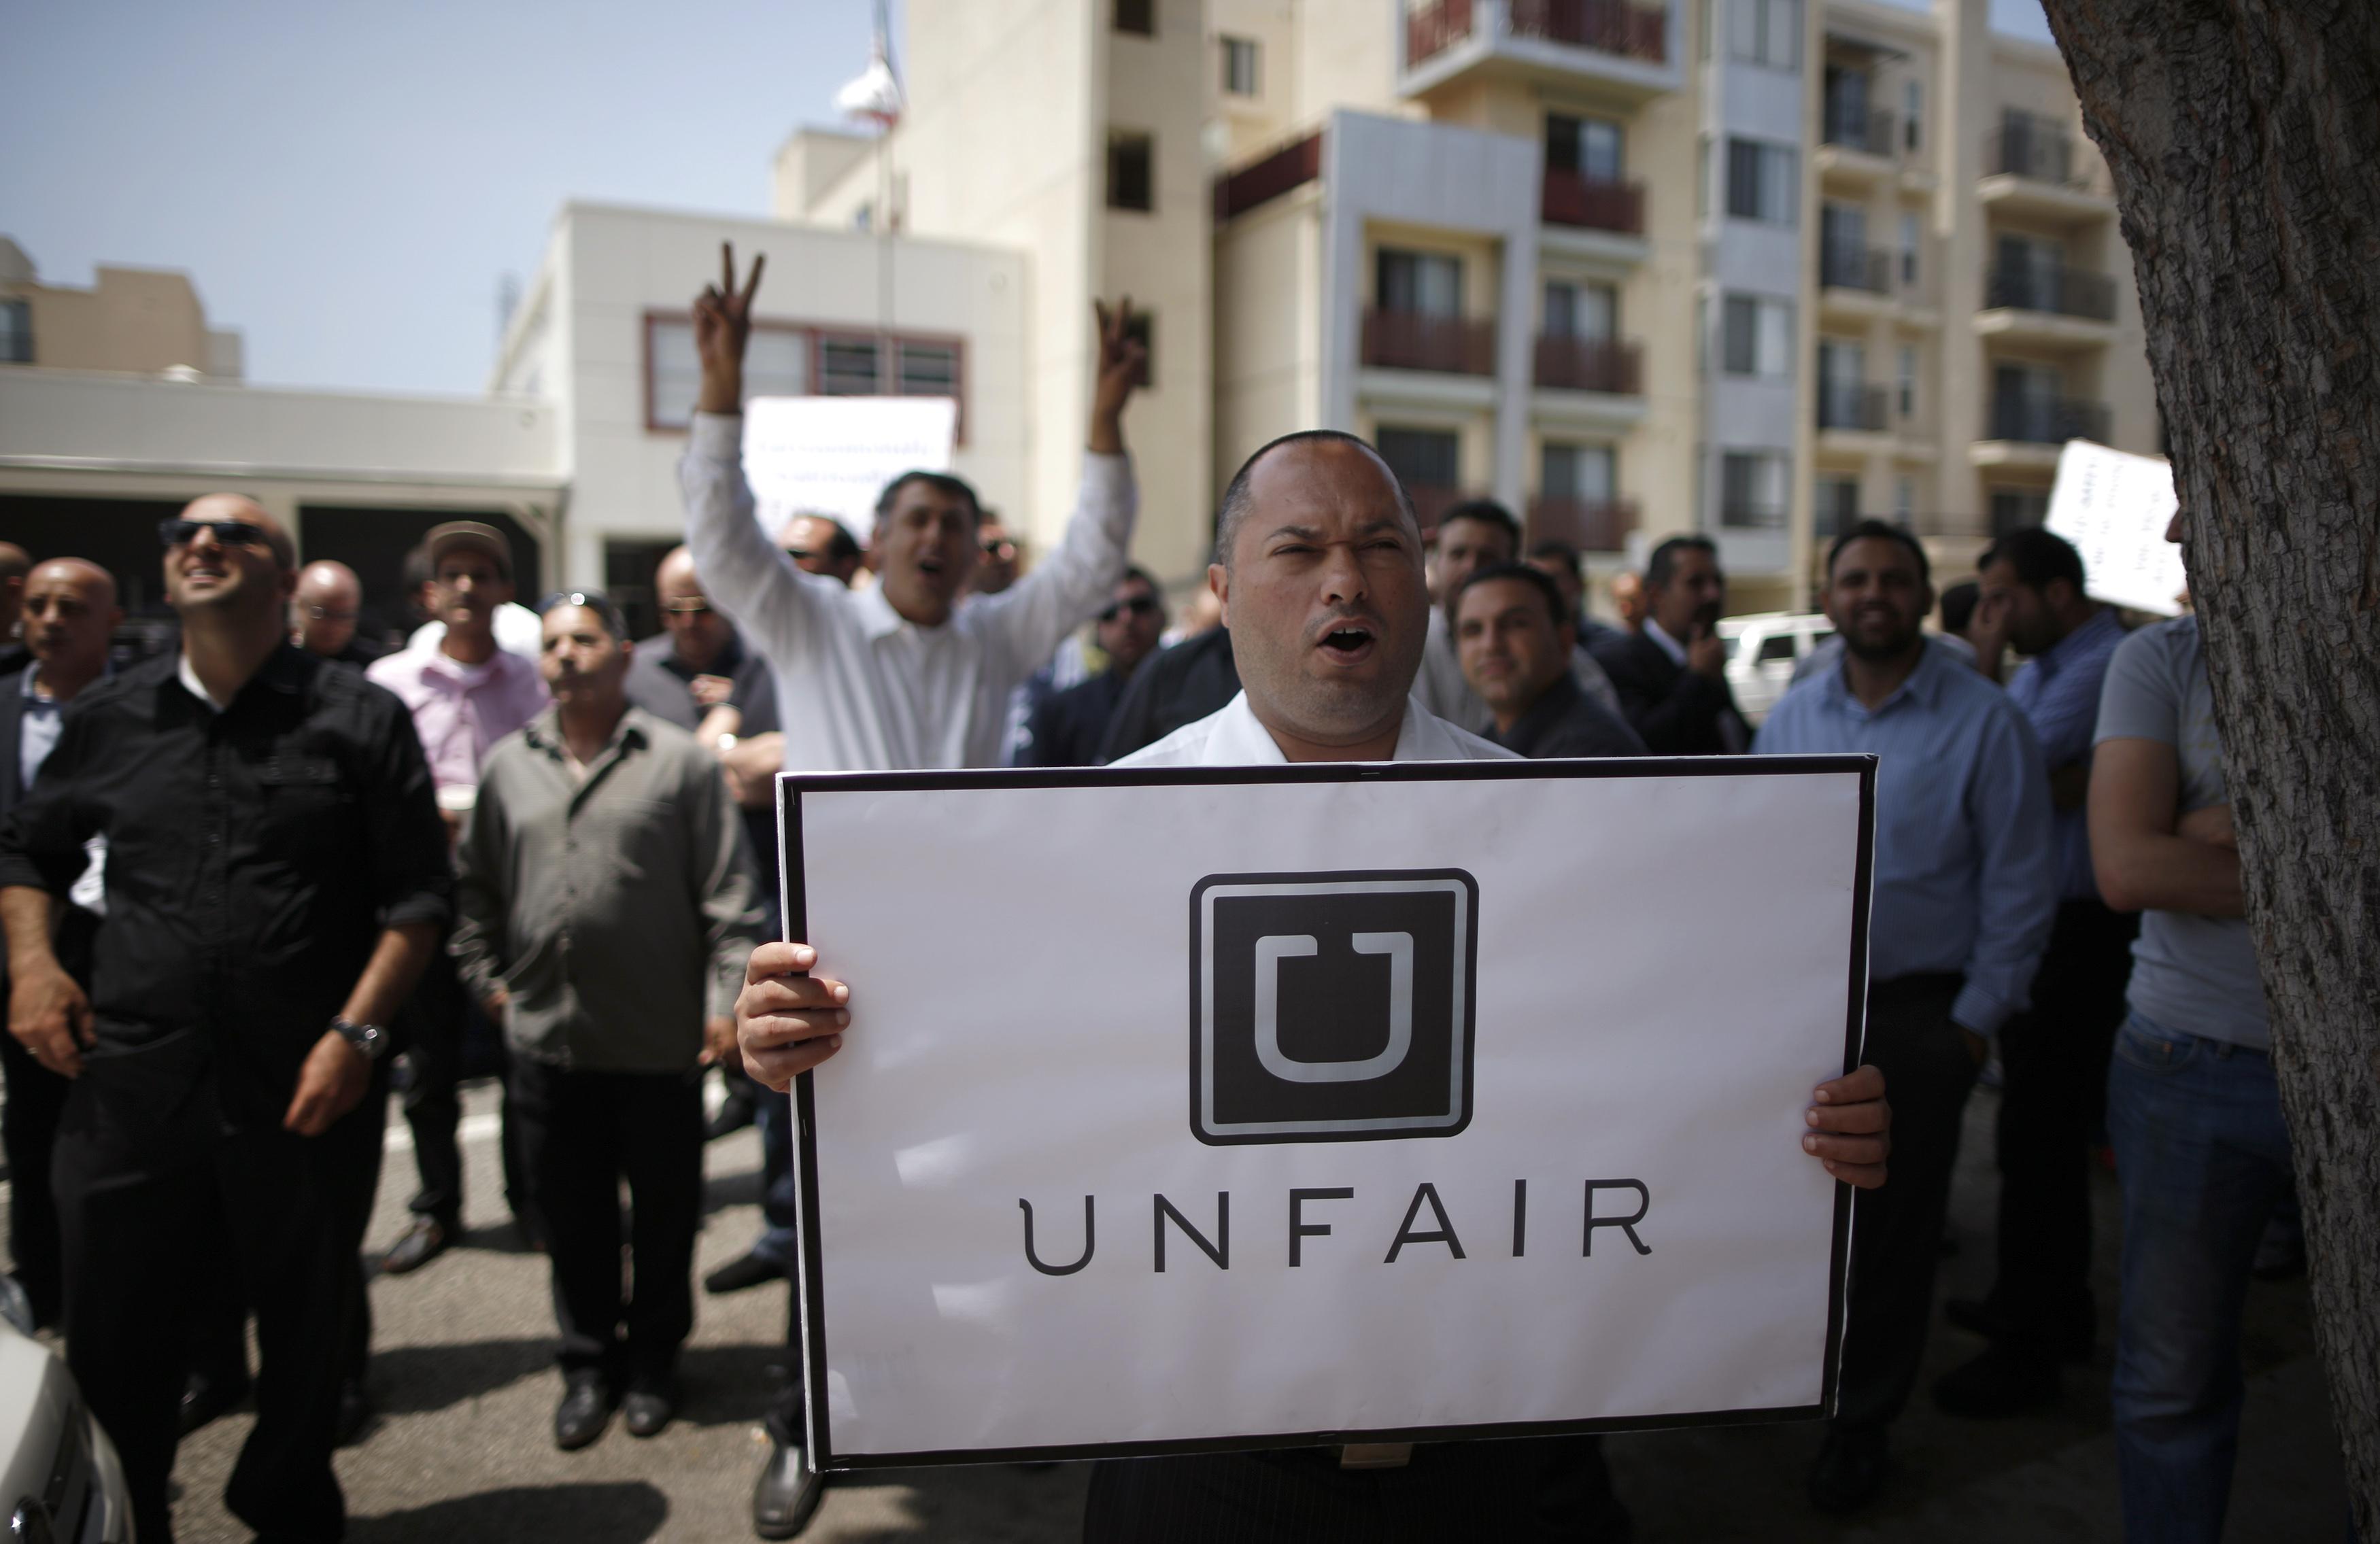 UberProtestors.jpg